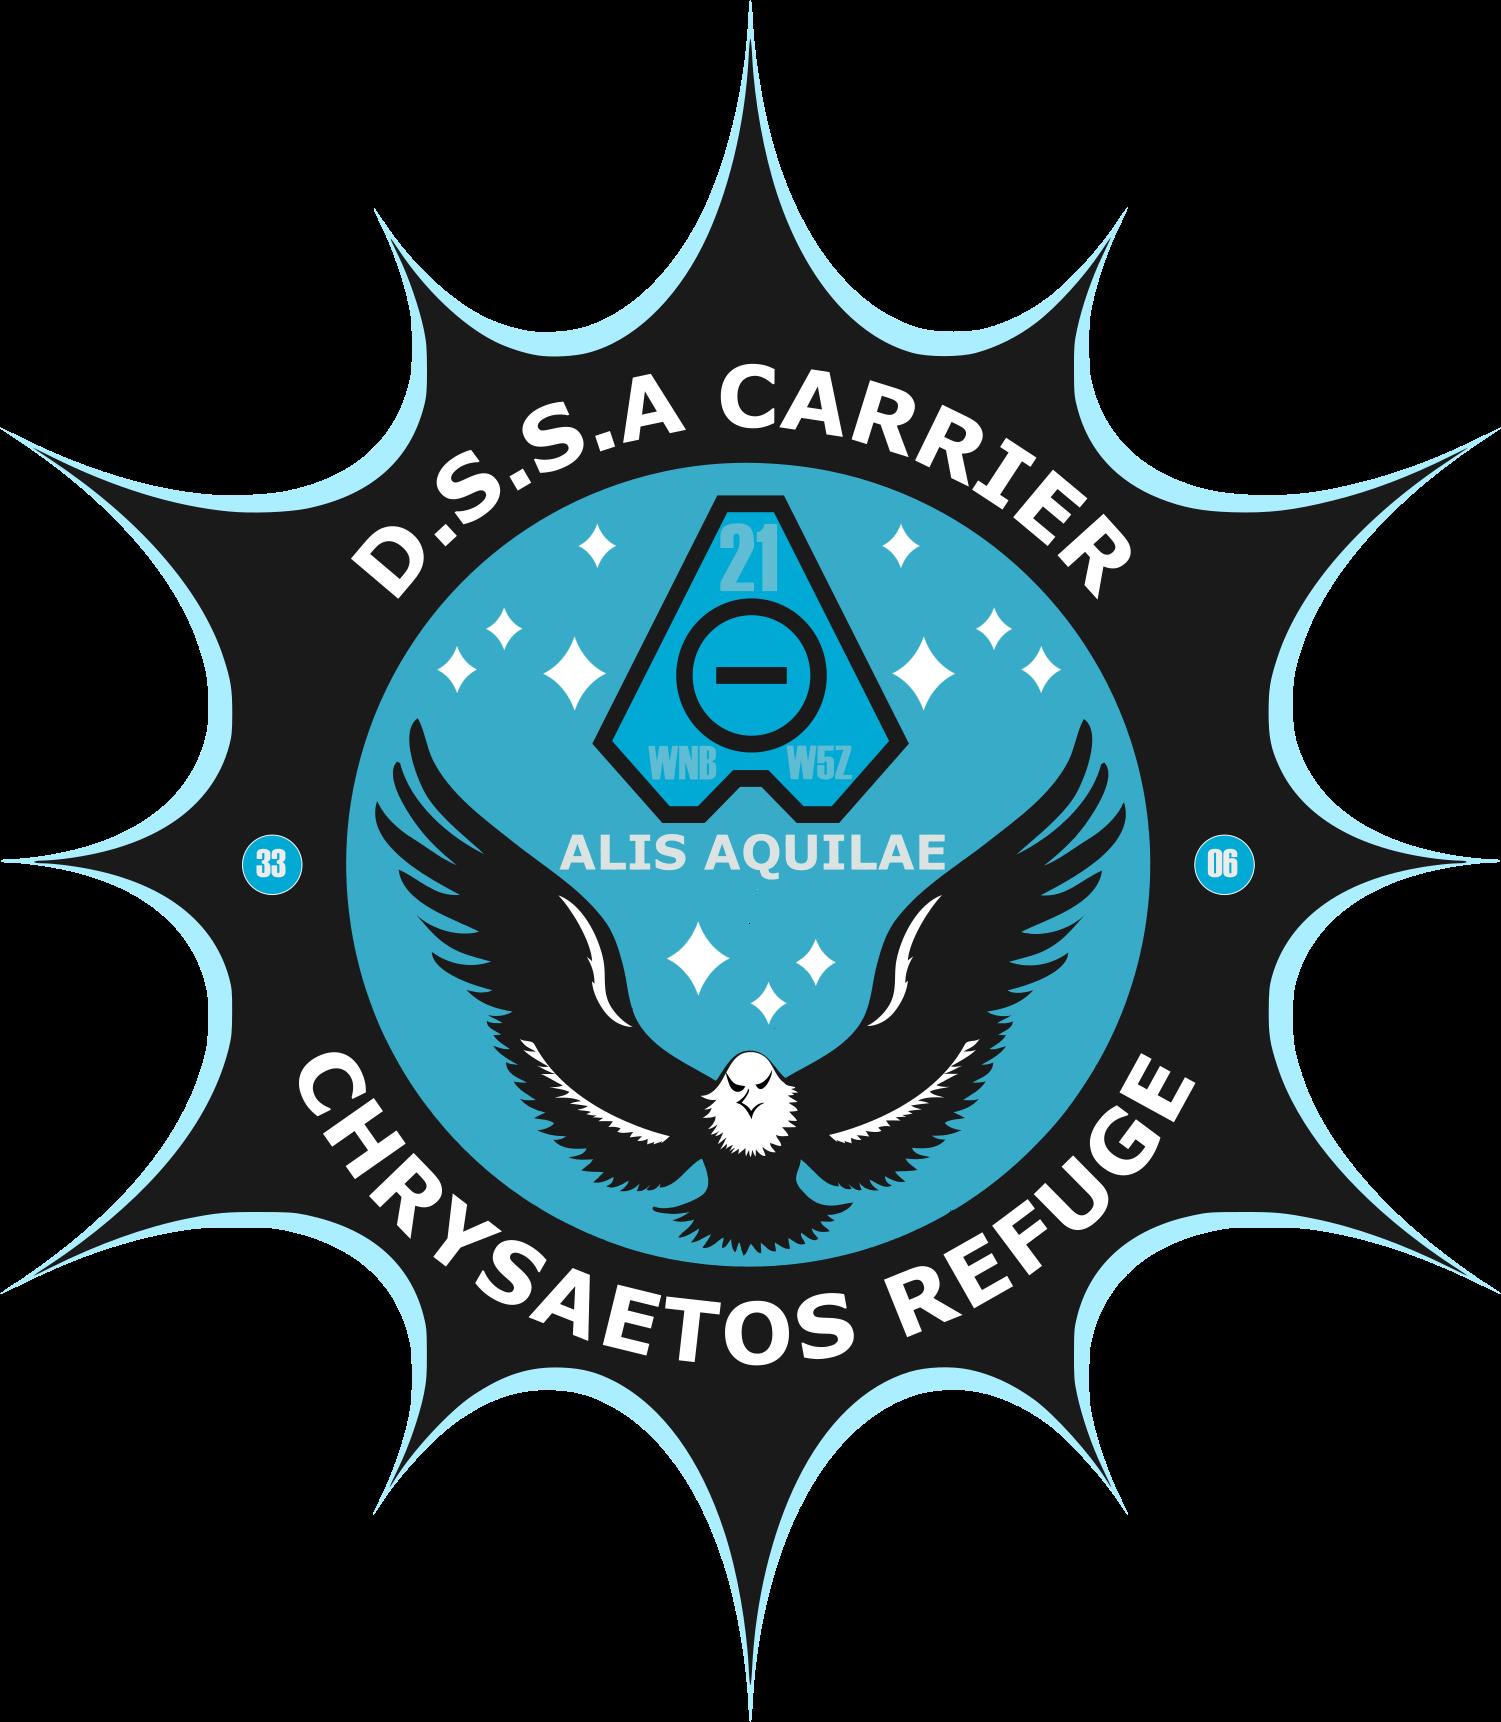 dssa_carrier_logo_update.png